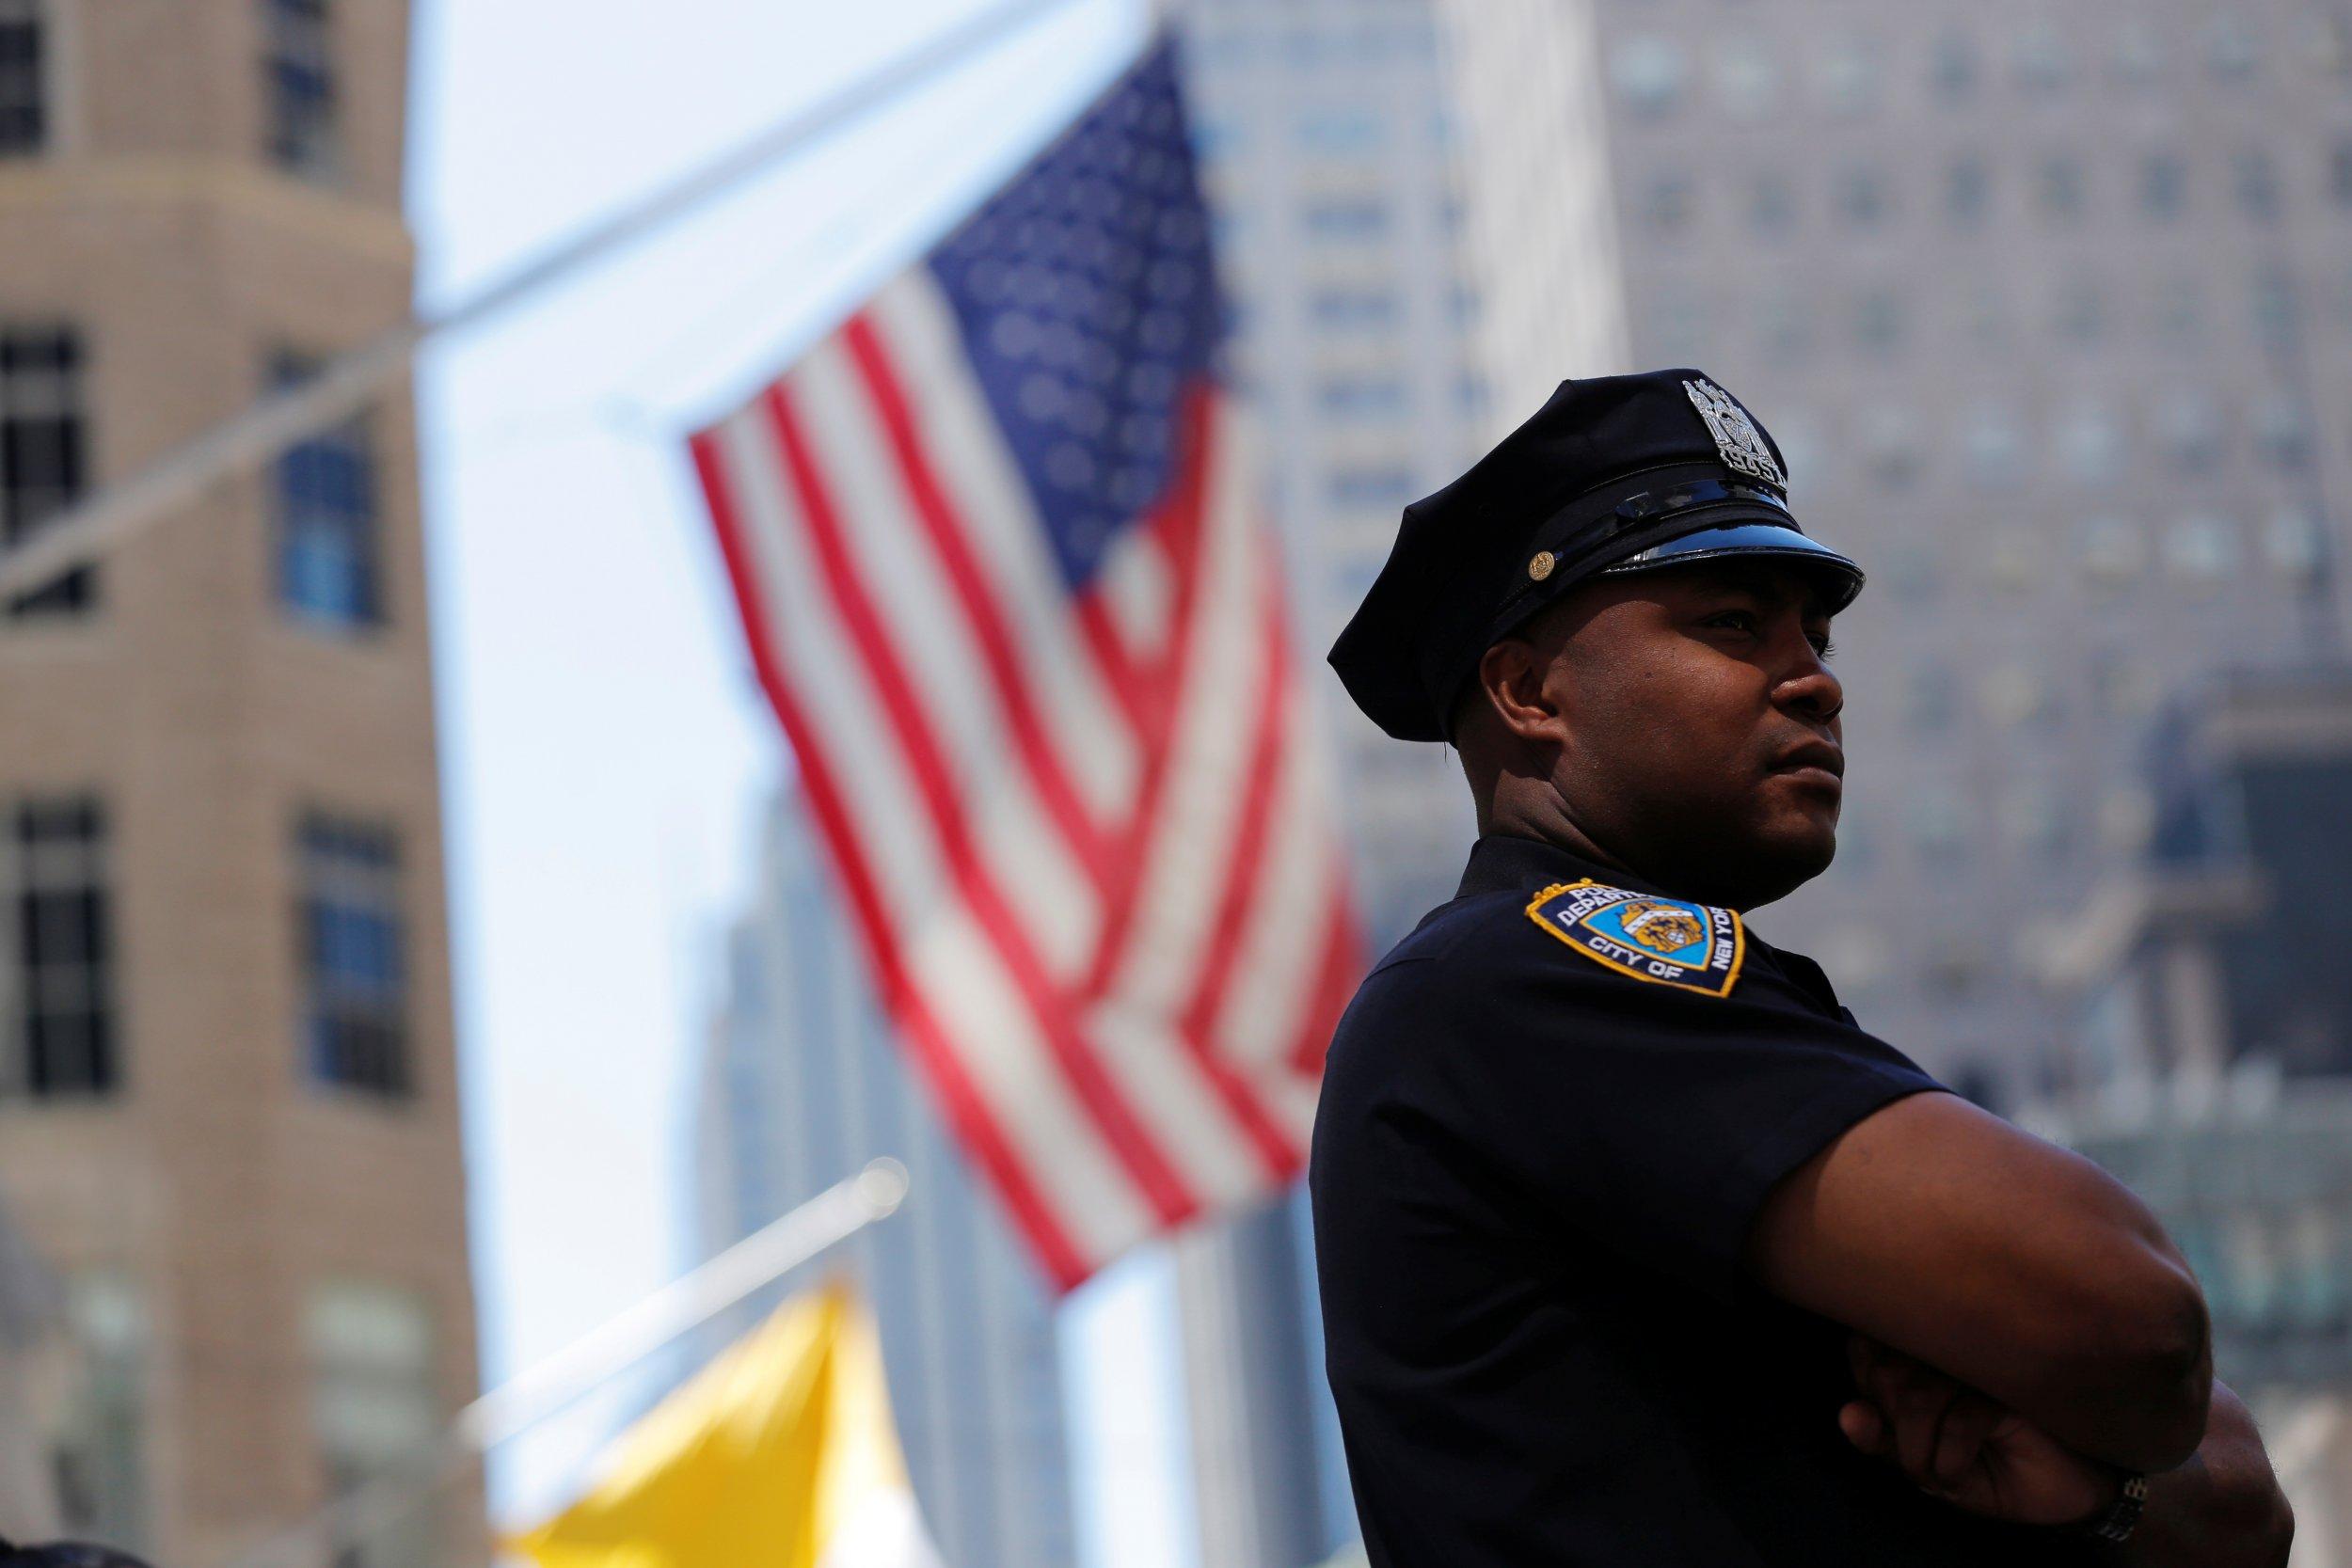 8 любопытных фактов о США, которых вы, вероятно, не знали